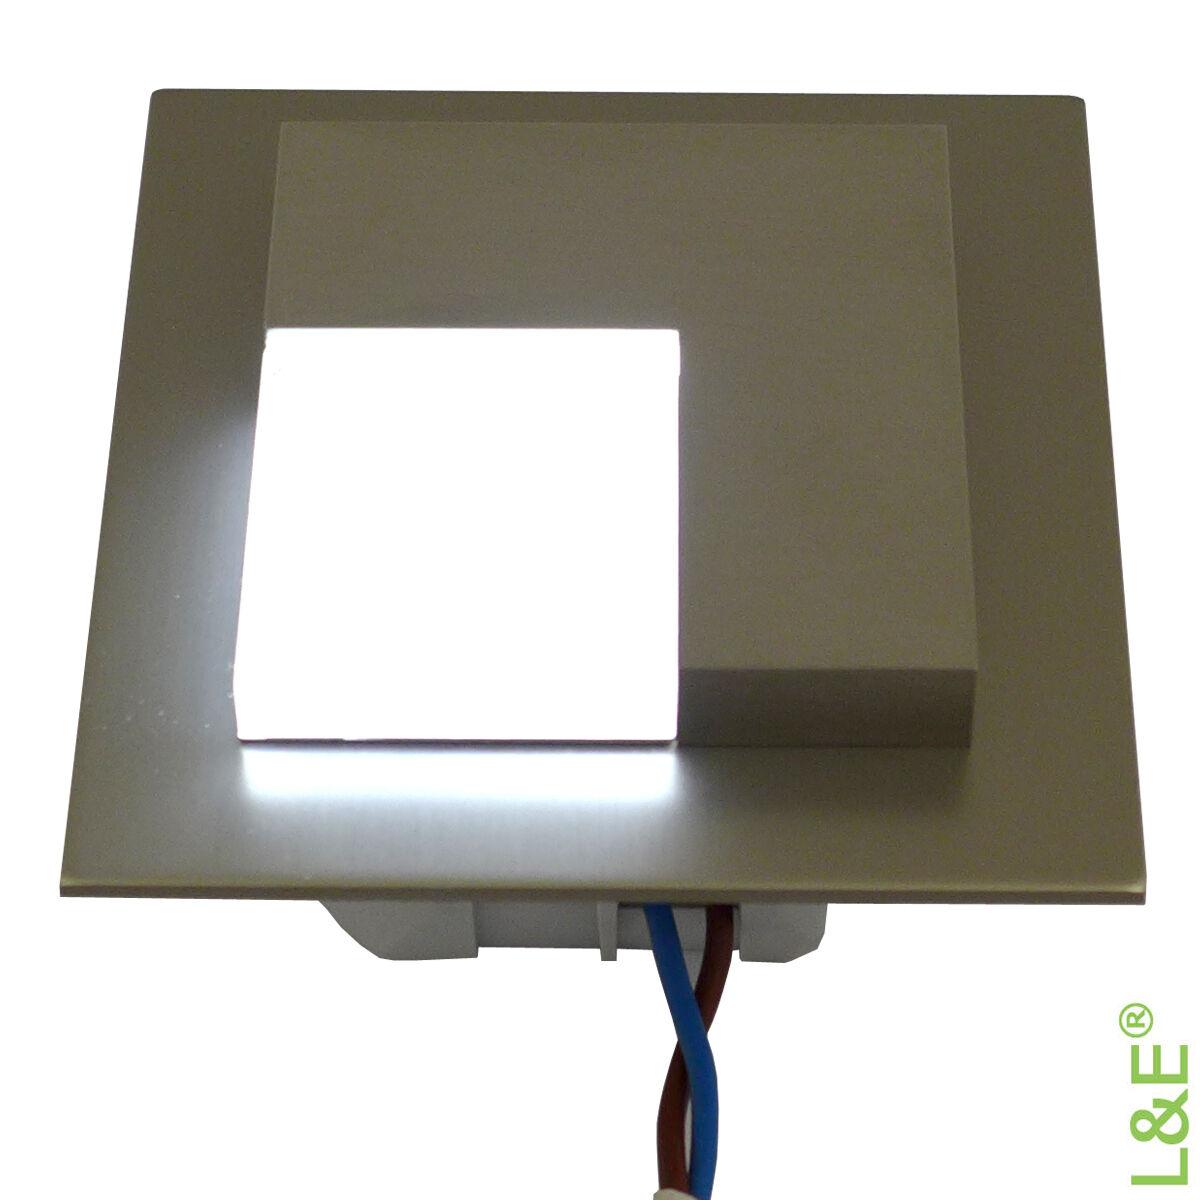 timo 230v edelstahl led treppenbeleuchtung wandbeleuchtung. Black Bedroom Furniture Sets. Home Design Ideas